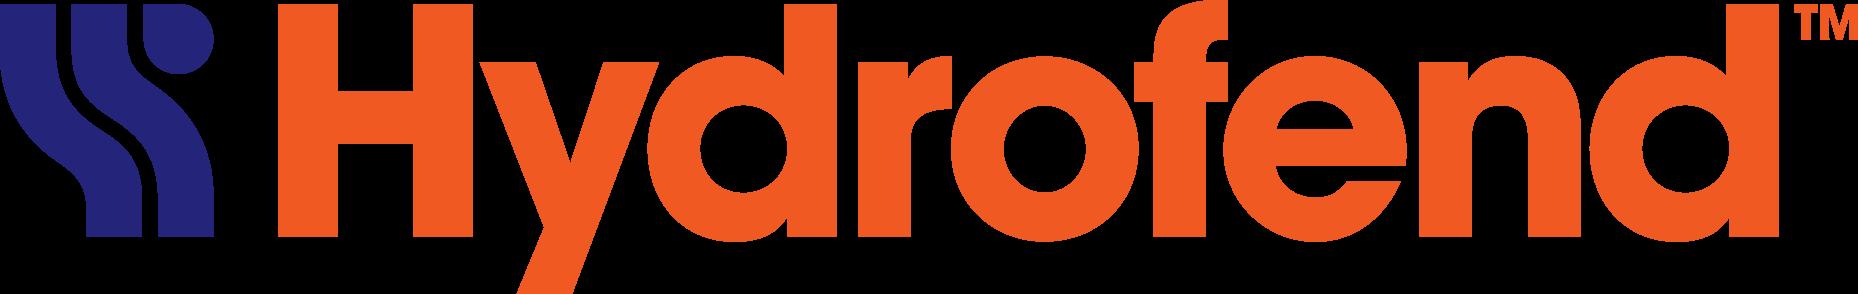 Hydrofend logo